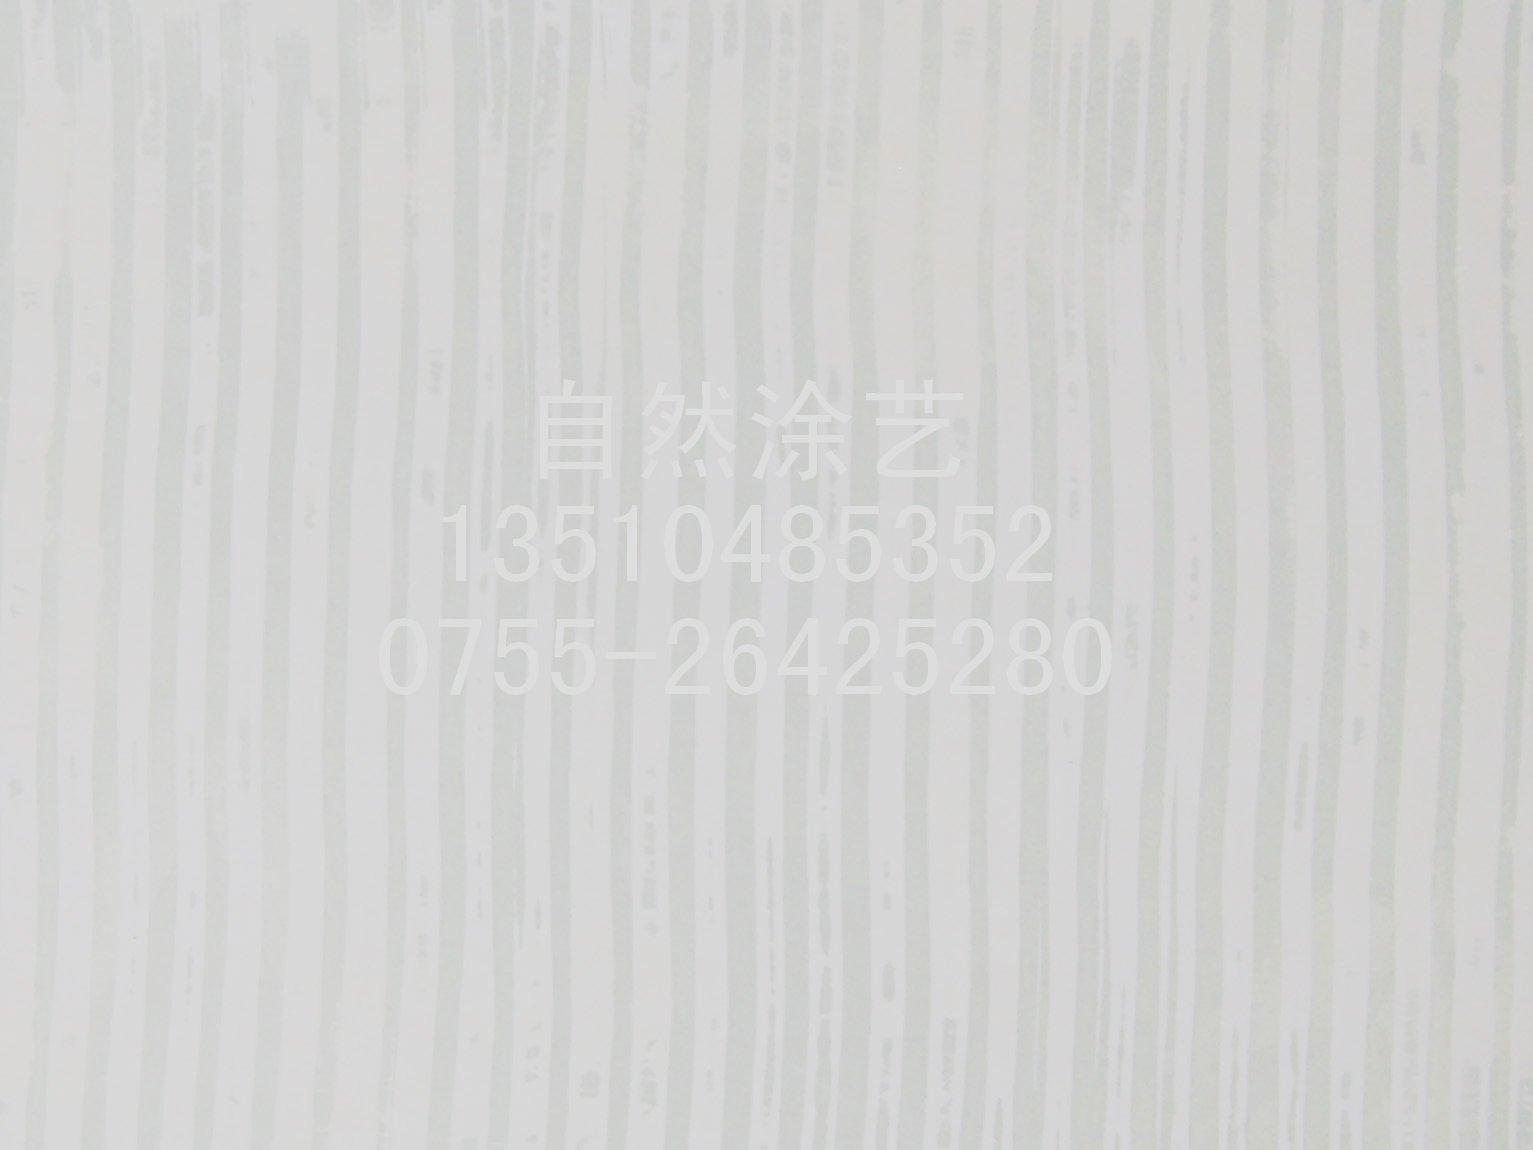 > 专业承接肌理漆(质感艺术涂料)真石漆,马来漆,内外墙乳胶漆,氟碳漆